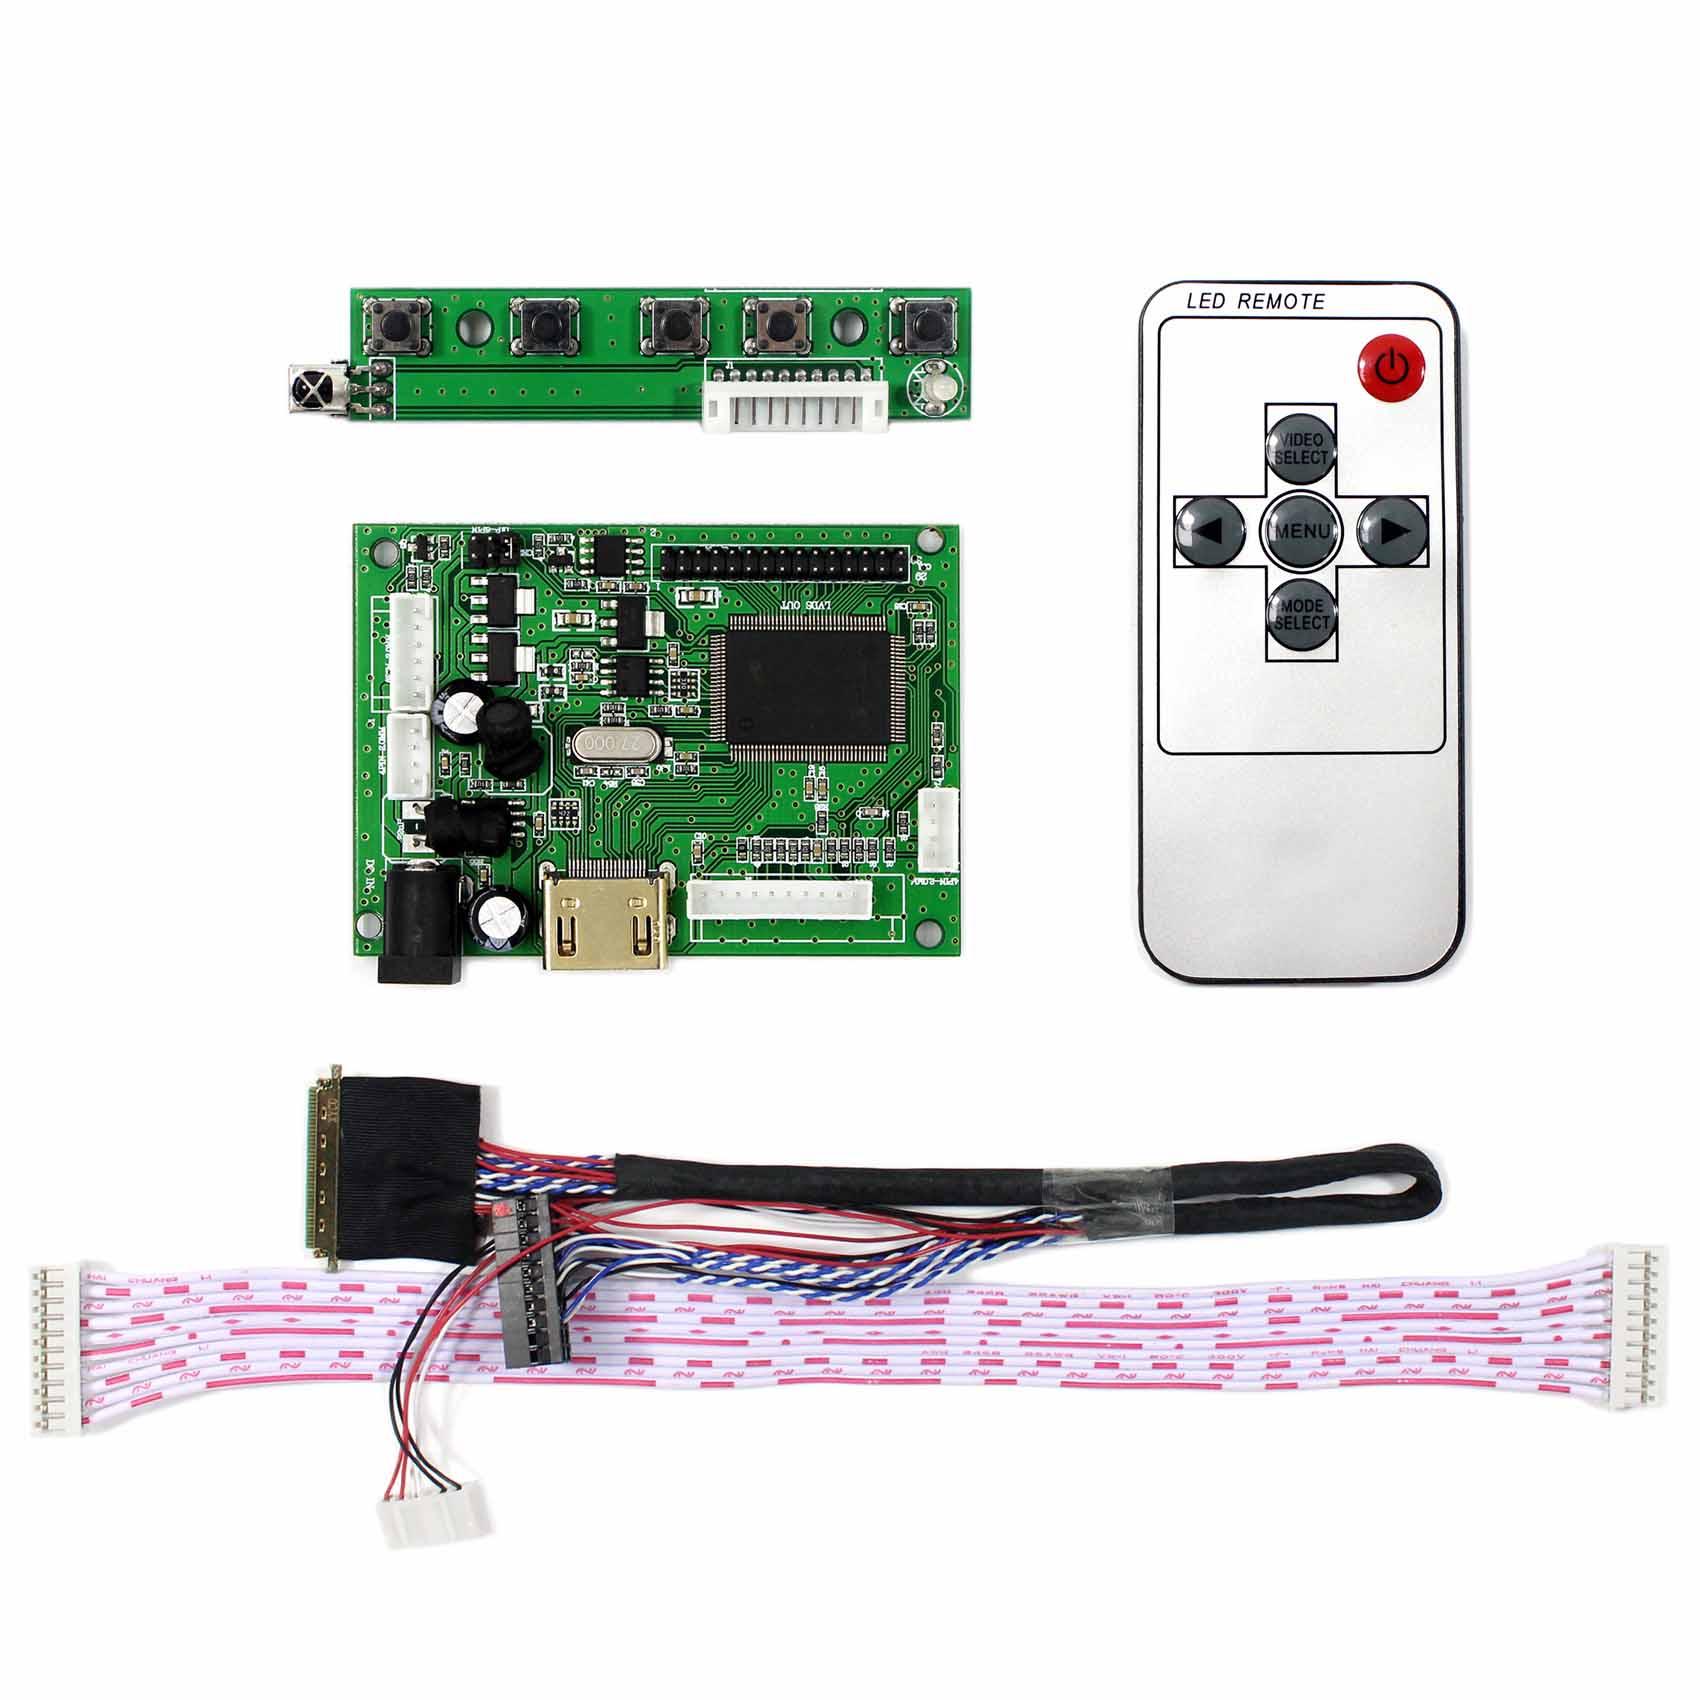 Tablero de Control Latumab, Kit de Monitor LTN140AT02/LP140WH1/B140XW01 HDMI LCD, controlador de placa LED